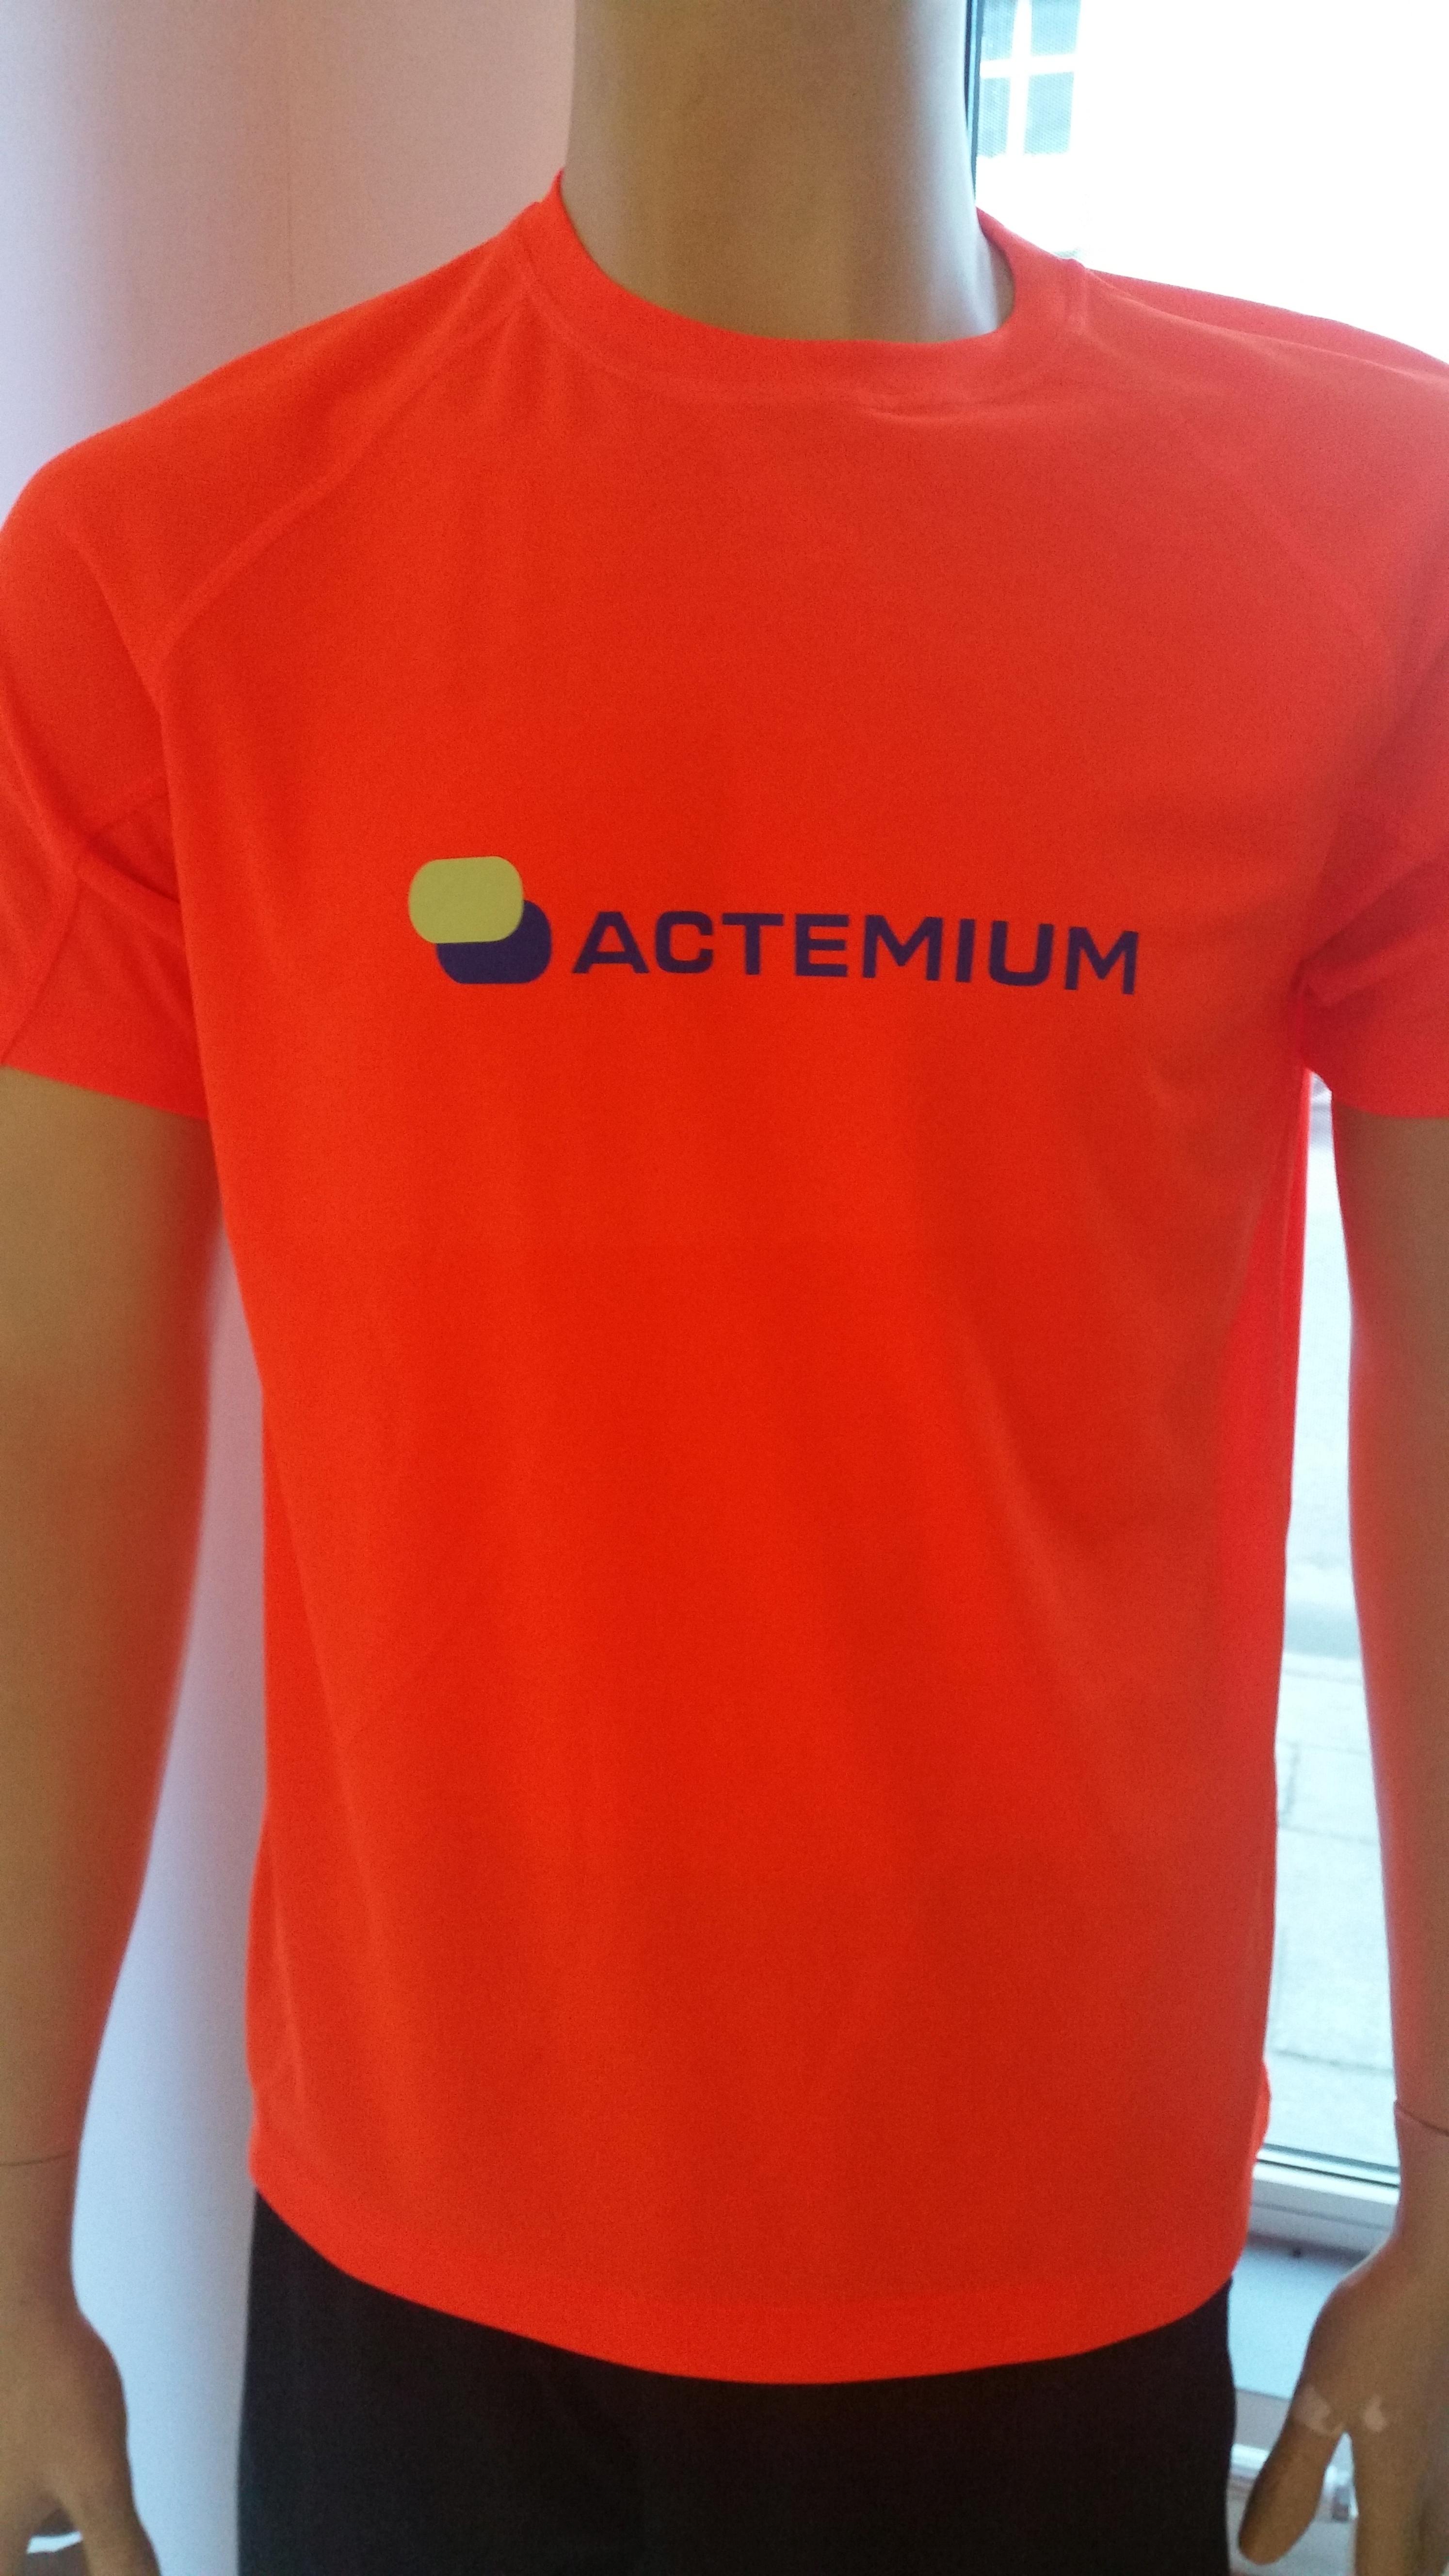 logo duże wielokolorowe na koszulce sportowej Playtime